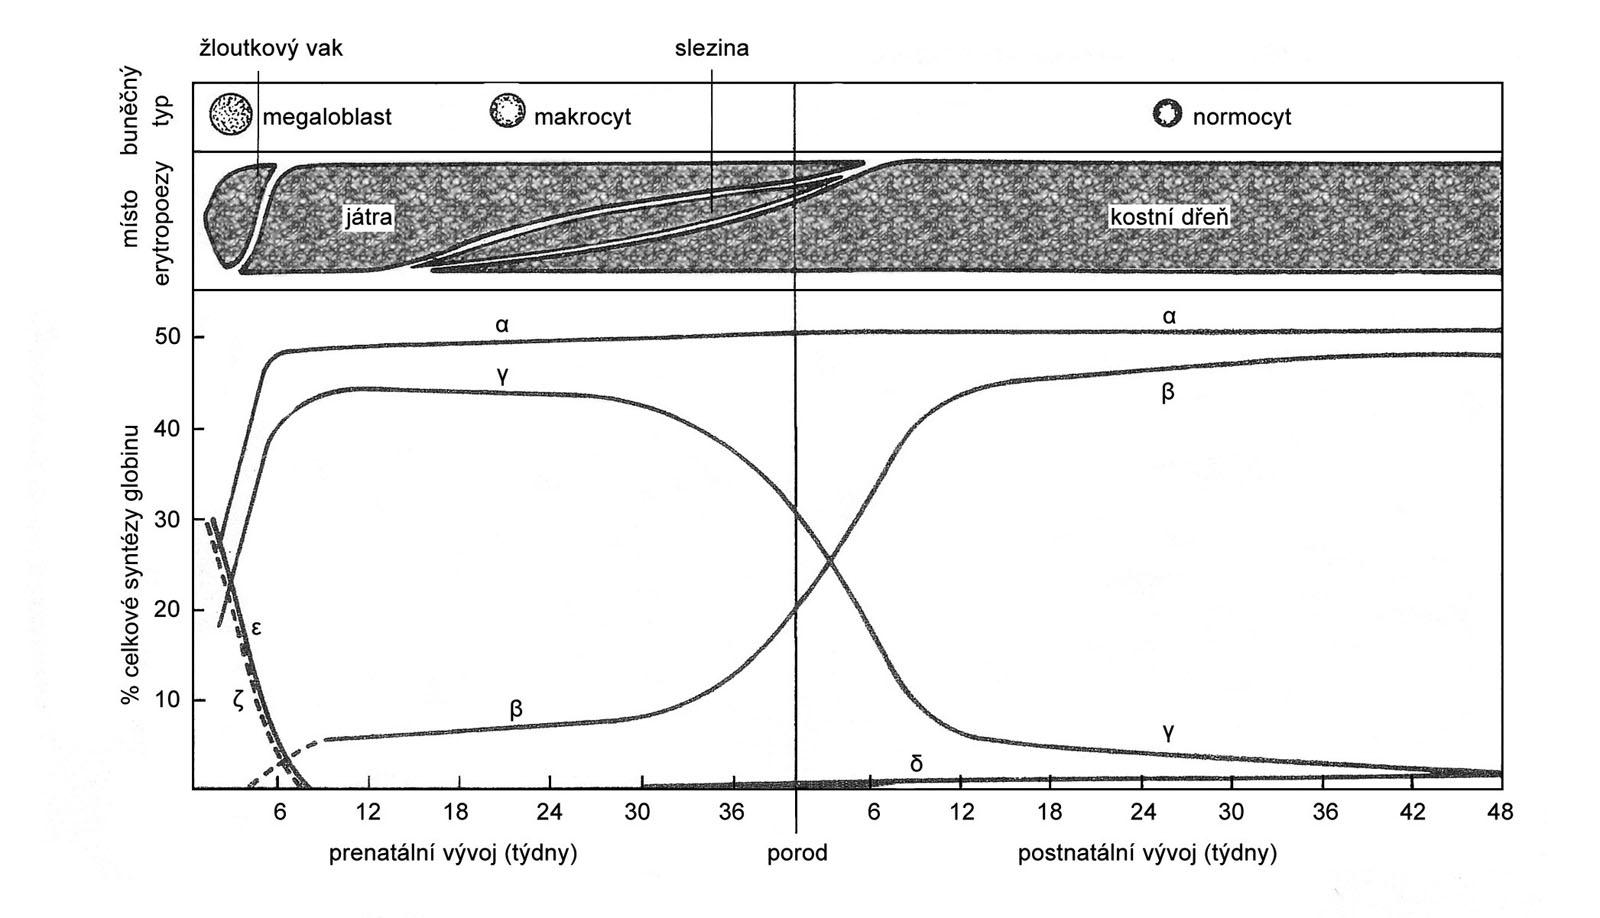 Místa krvetvorby a vývoj syntézy globinových řetězců v průběhu prenatální a postnatální ontogeneze. Převzato z: Neuwirt J, Nečas E, Kornalík F, Šulc K. Patofyziologie krve. Praha: Avicenum, 1983.